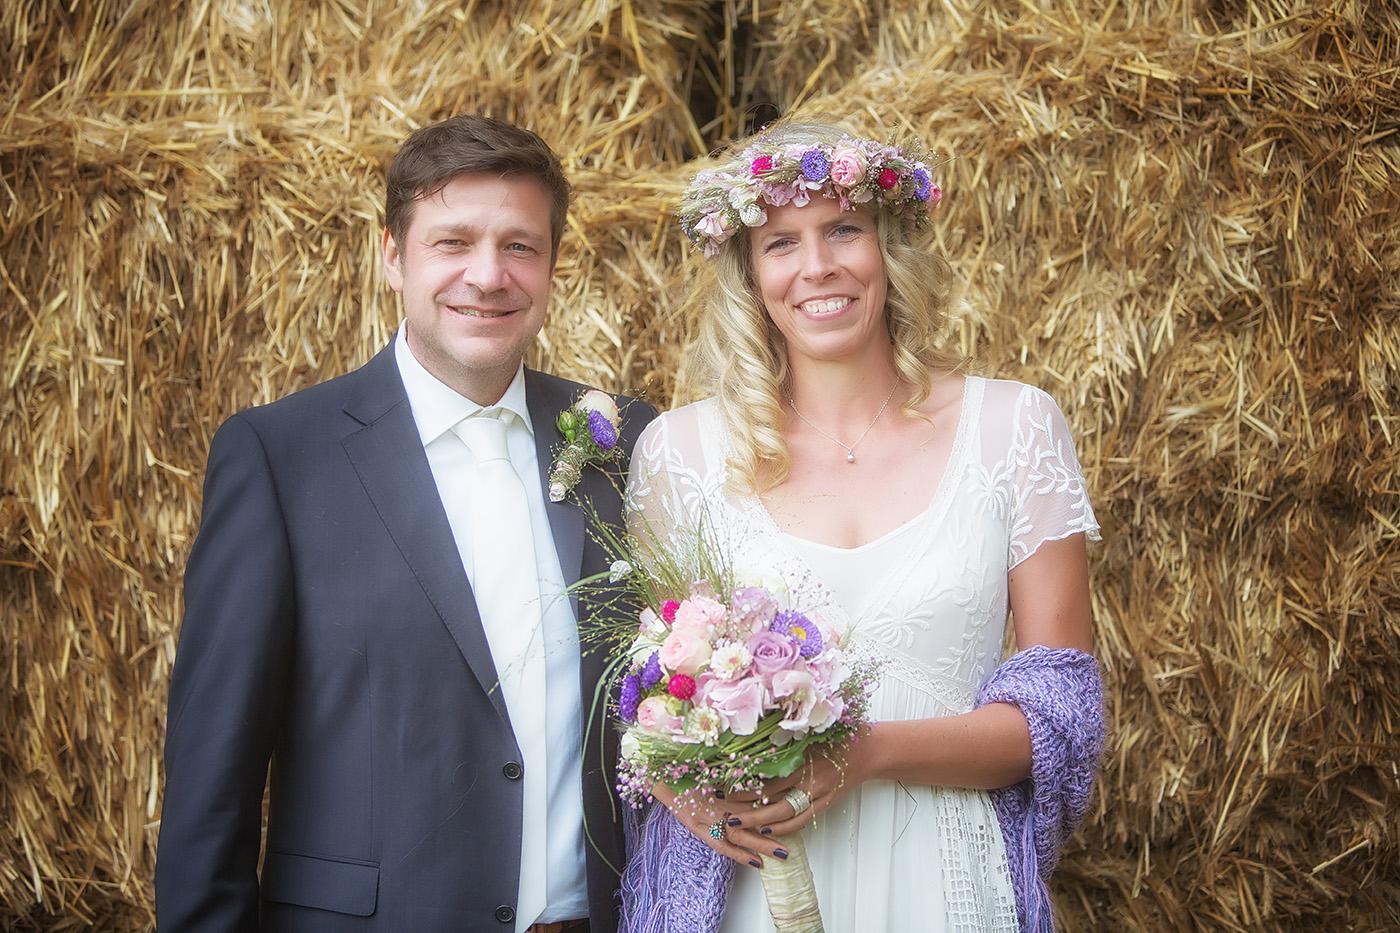 Brautpaar im Feld vor einem Heulager stehend